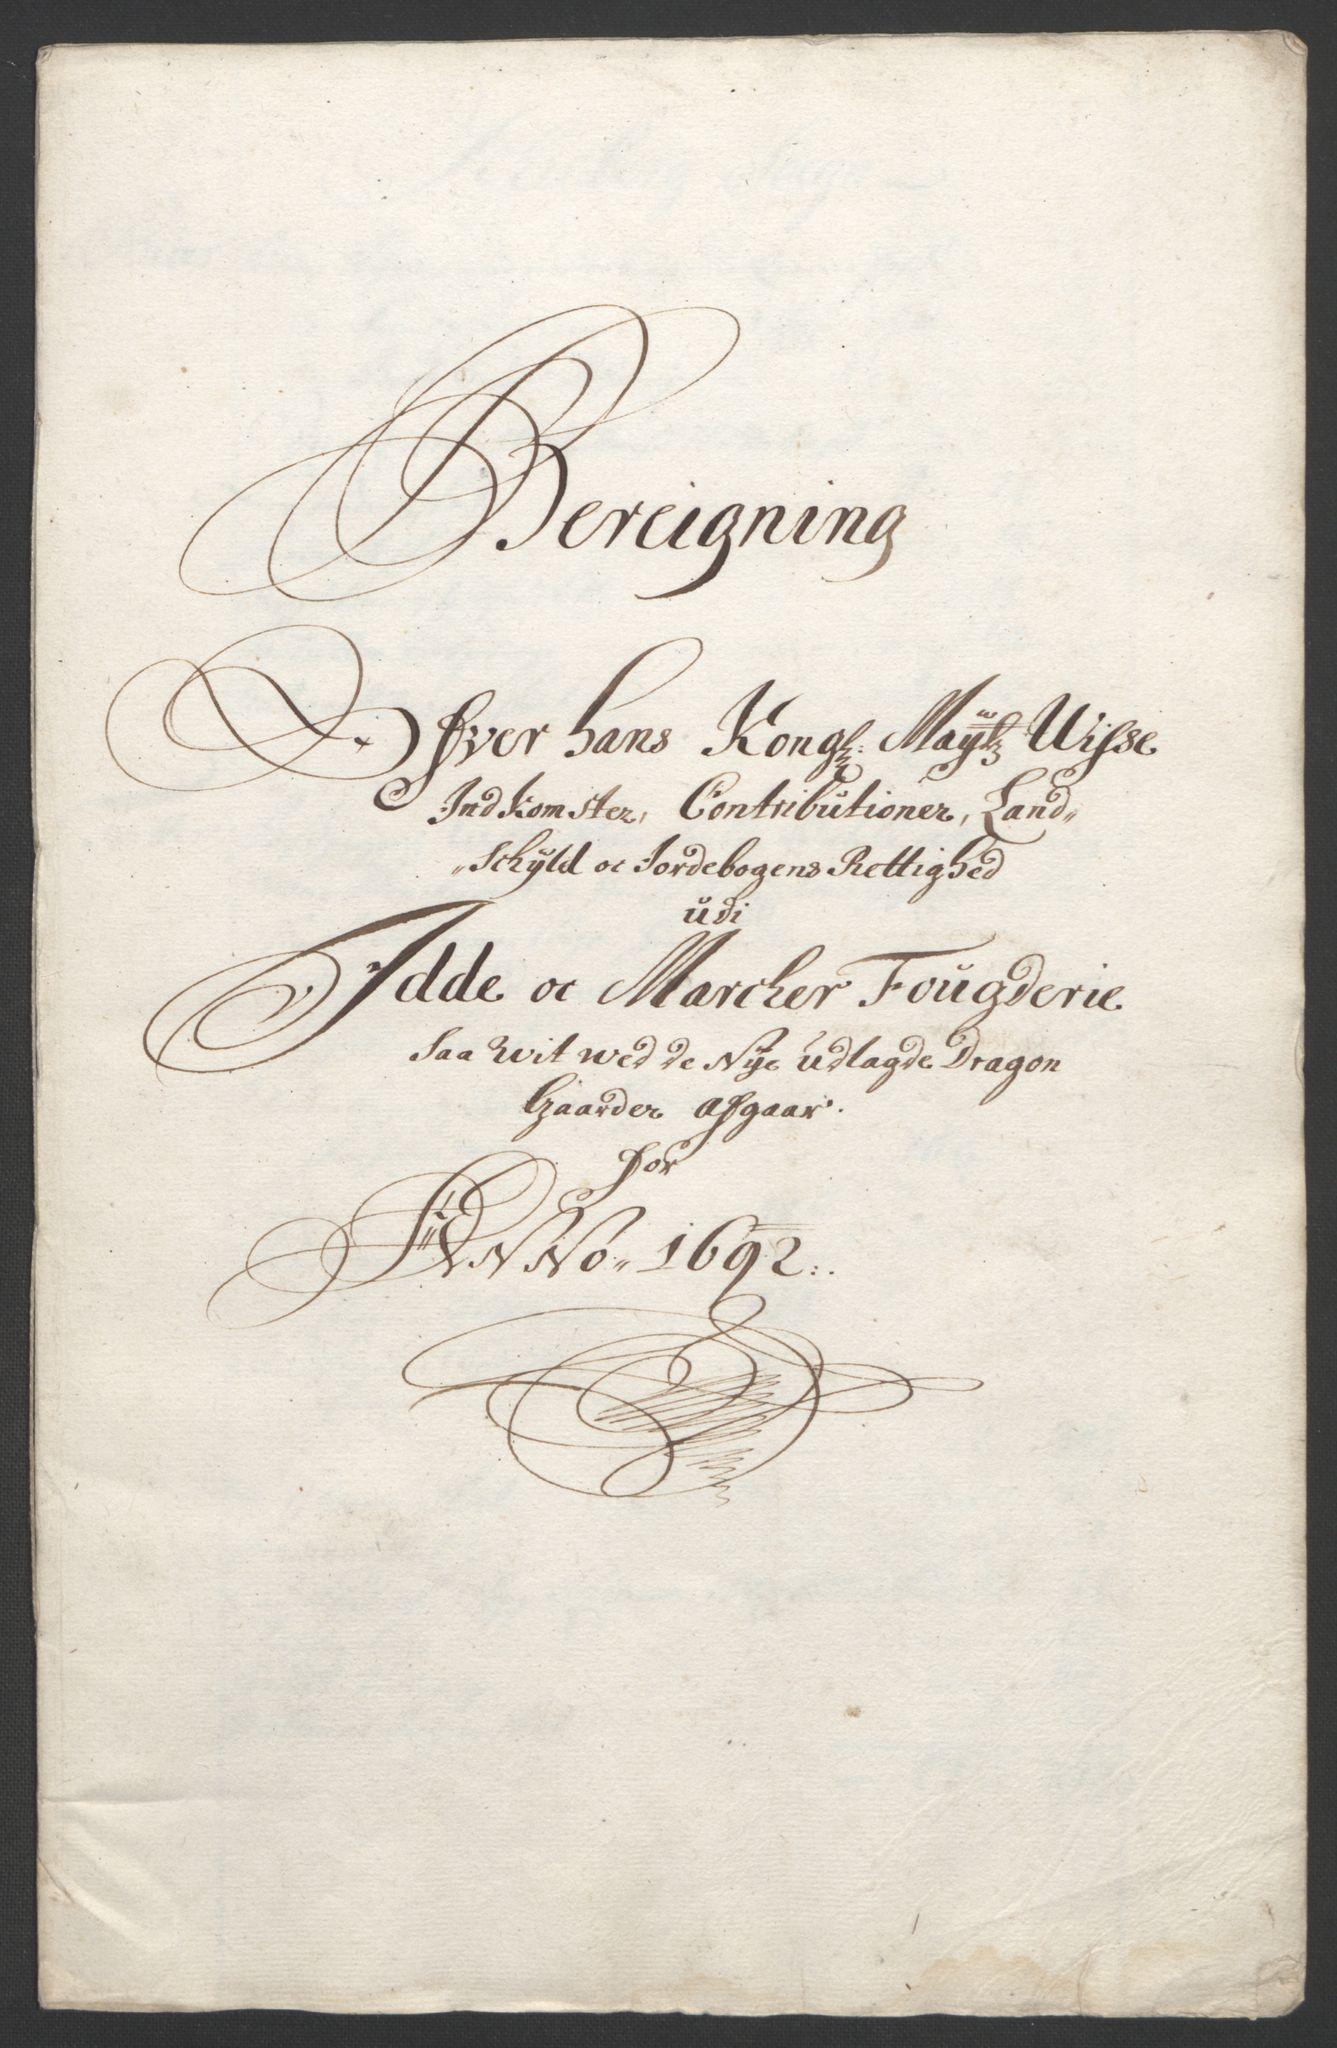 RA, Rentekammeret inntil 1814, Reviderte regnskaper, Fogderegnskap, R01/L0011: Fogderegnskap Idd og Marker, 1692-1693, s. 123